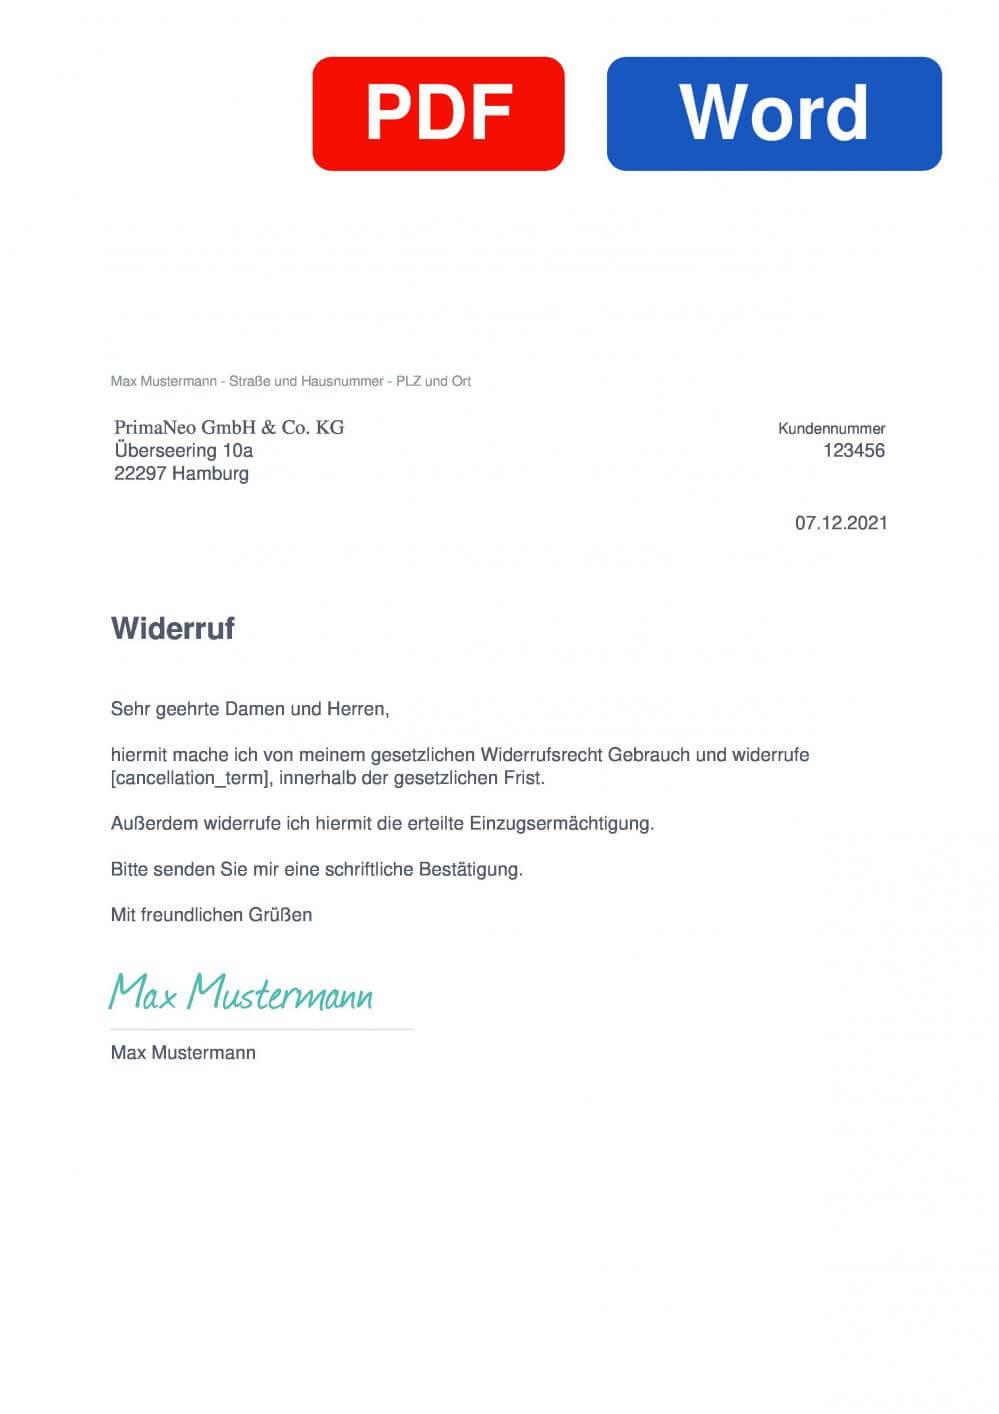 PrimaNeo Muster Vorlage für Wiederrufsschreiben